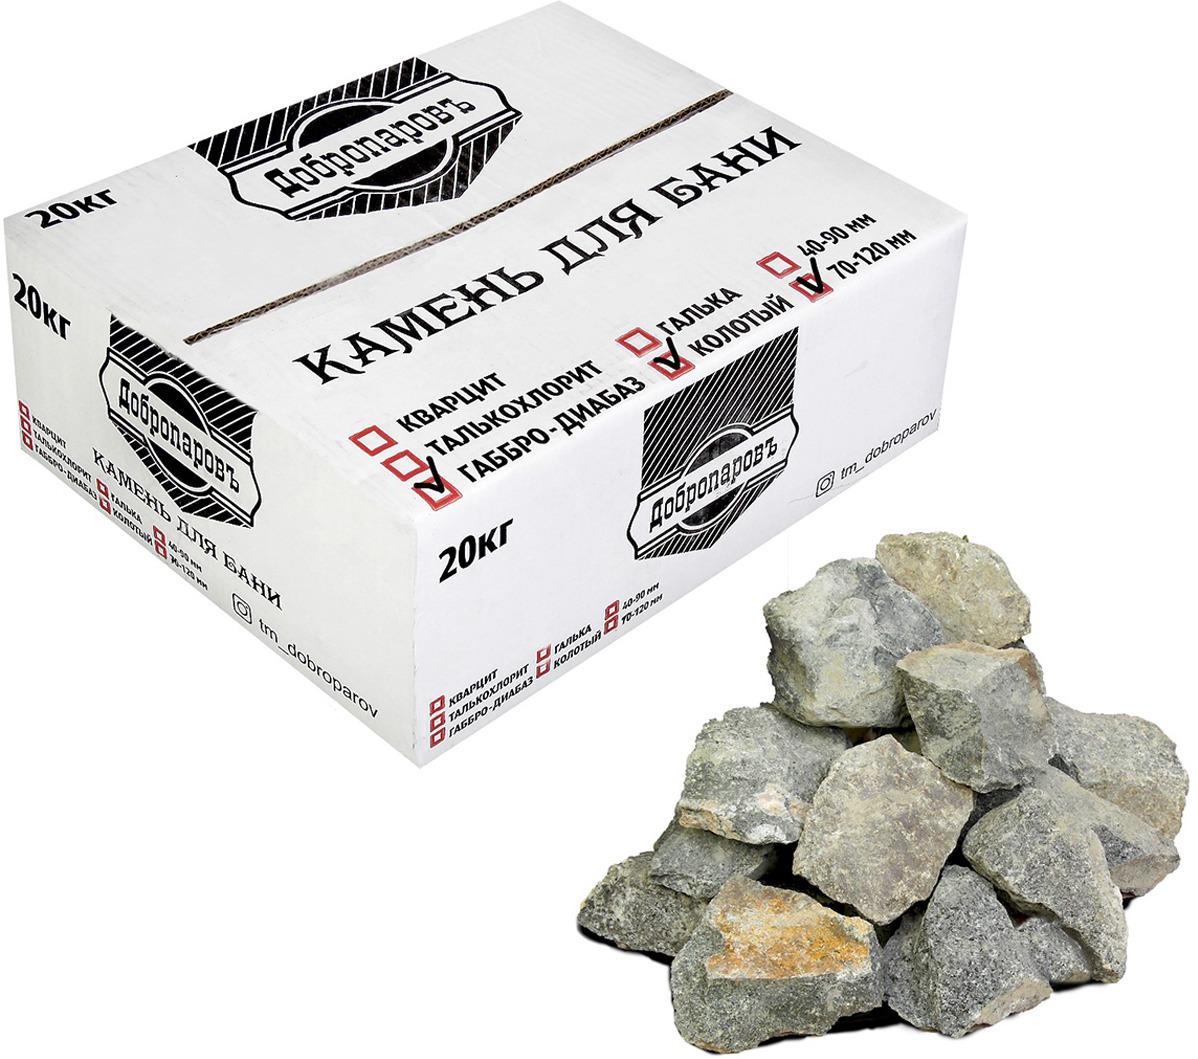 Камень для бани Добропаровъ Габбро-диабаз колотый, 3294482, 20 кг, фракция 70-120 мм печь для бани 8 мм